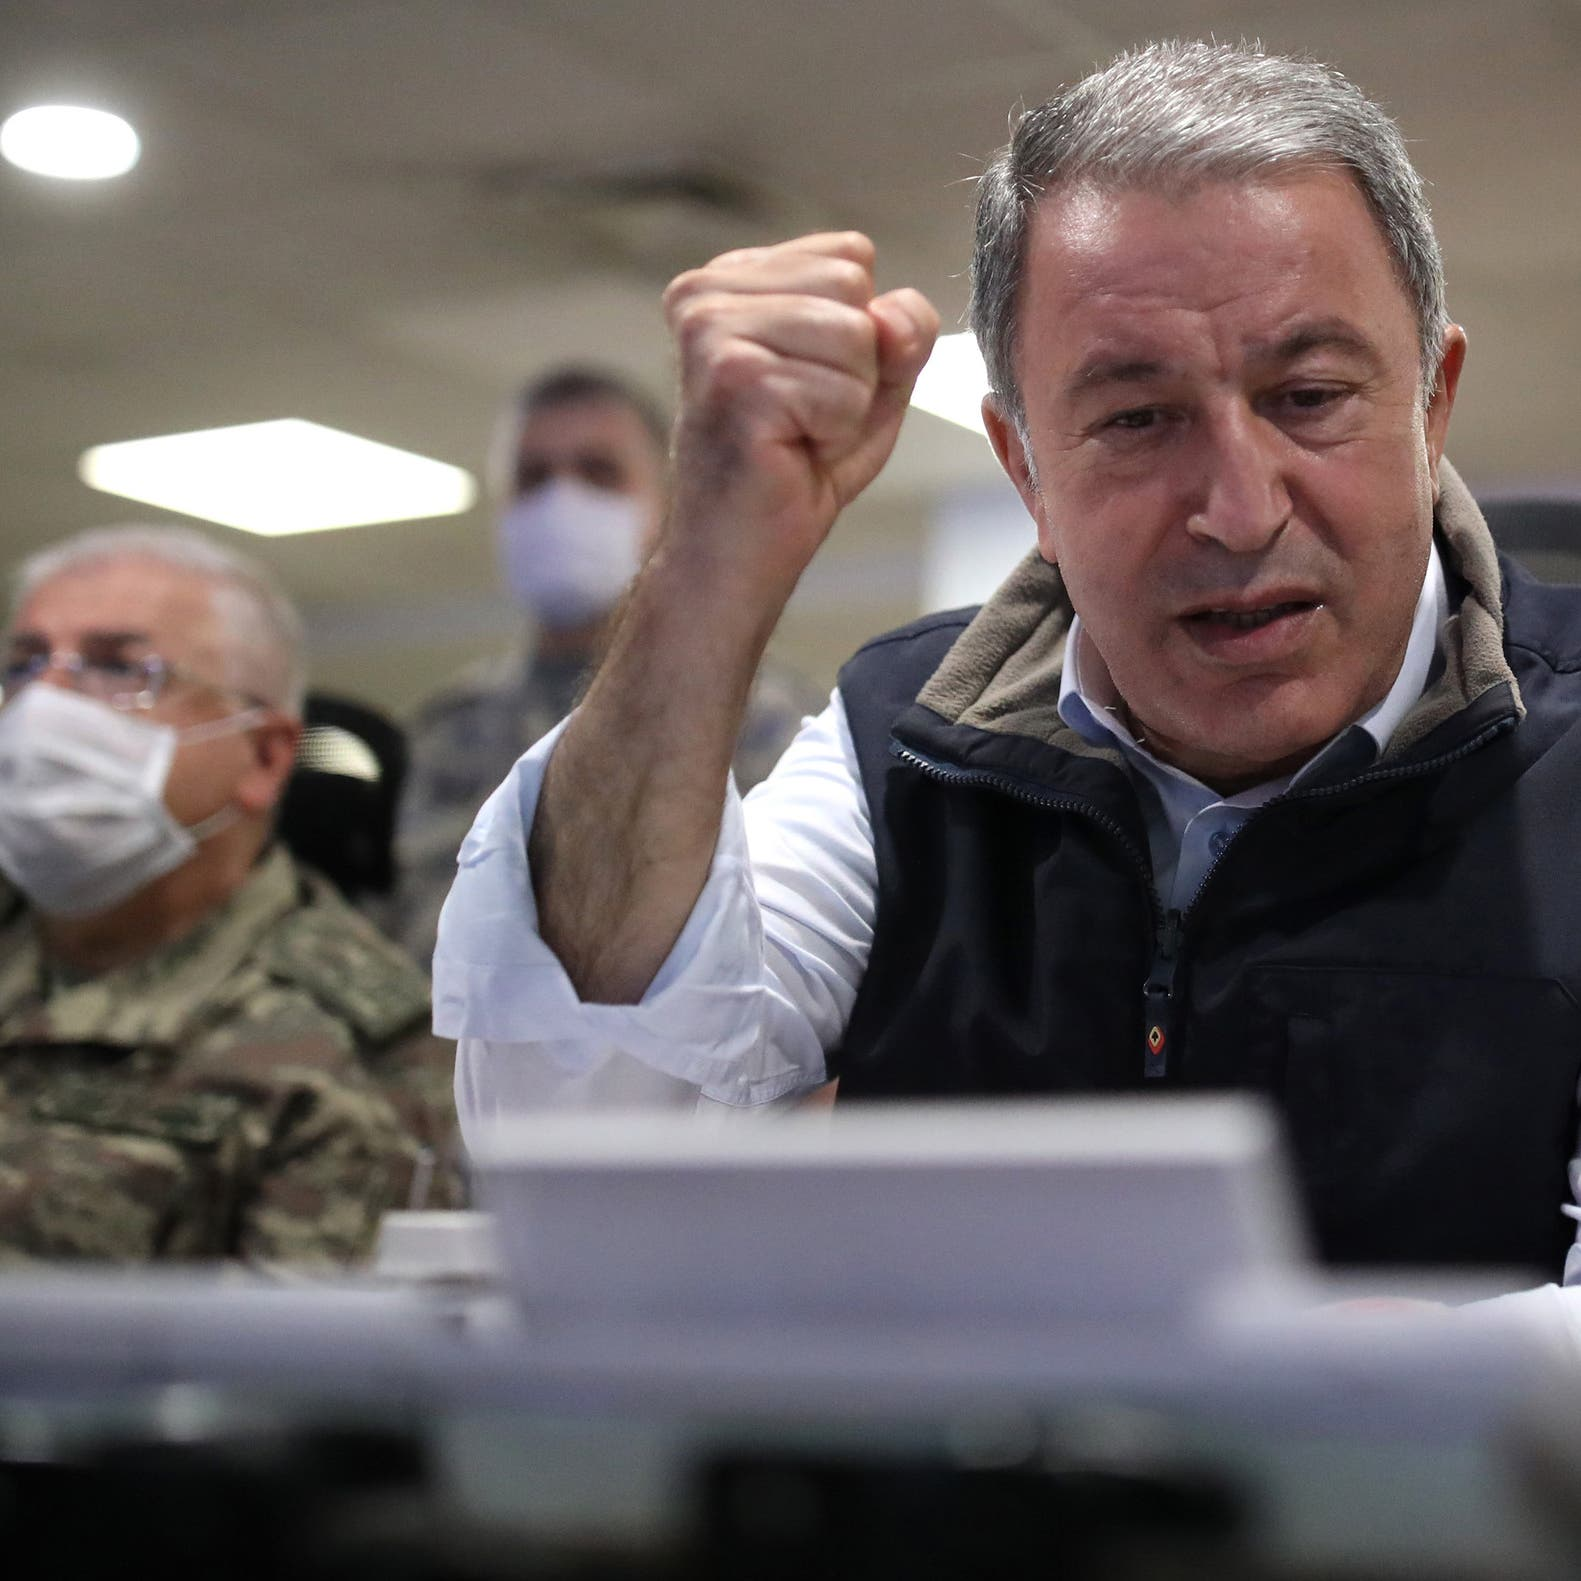 وزير دفاع تركيا من طرابلس: سنصد أي تحرك للجيش الليبي